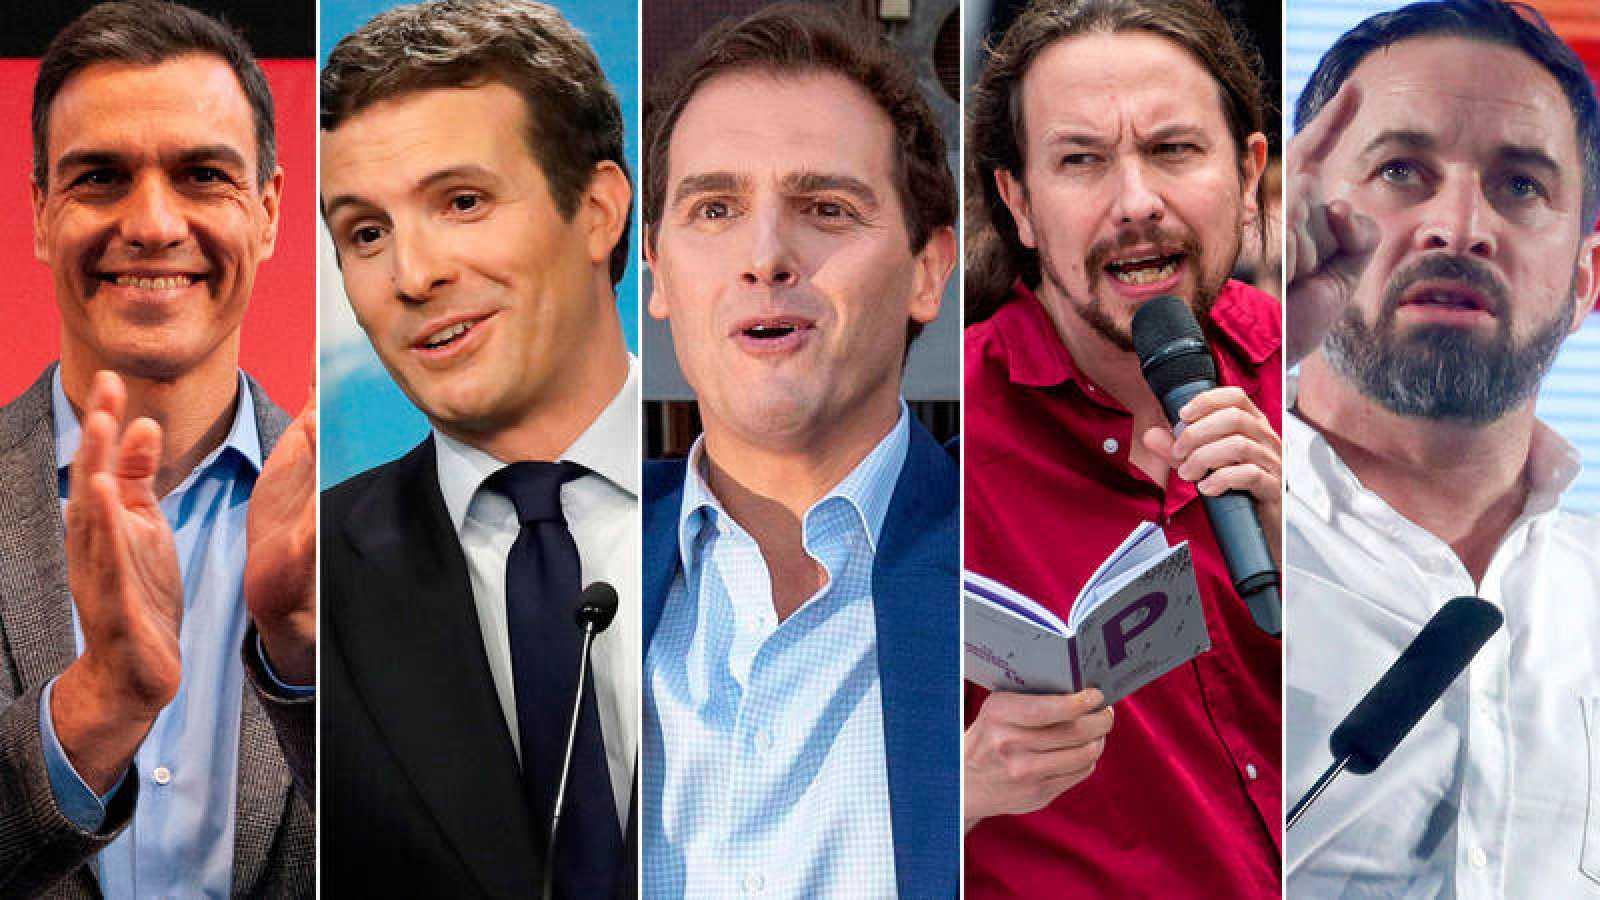 Los líderes de PSOE, PP, Ciudadanos, Unidas Podemos y Vox durante la campaña de las elecciones generales.